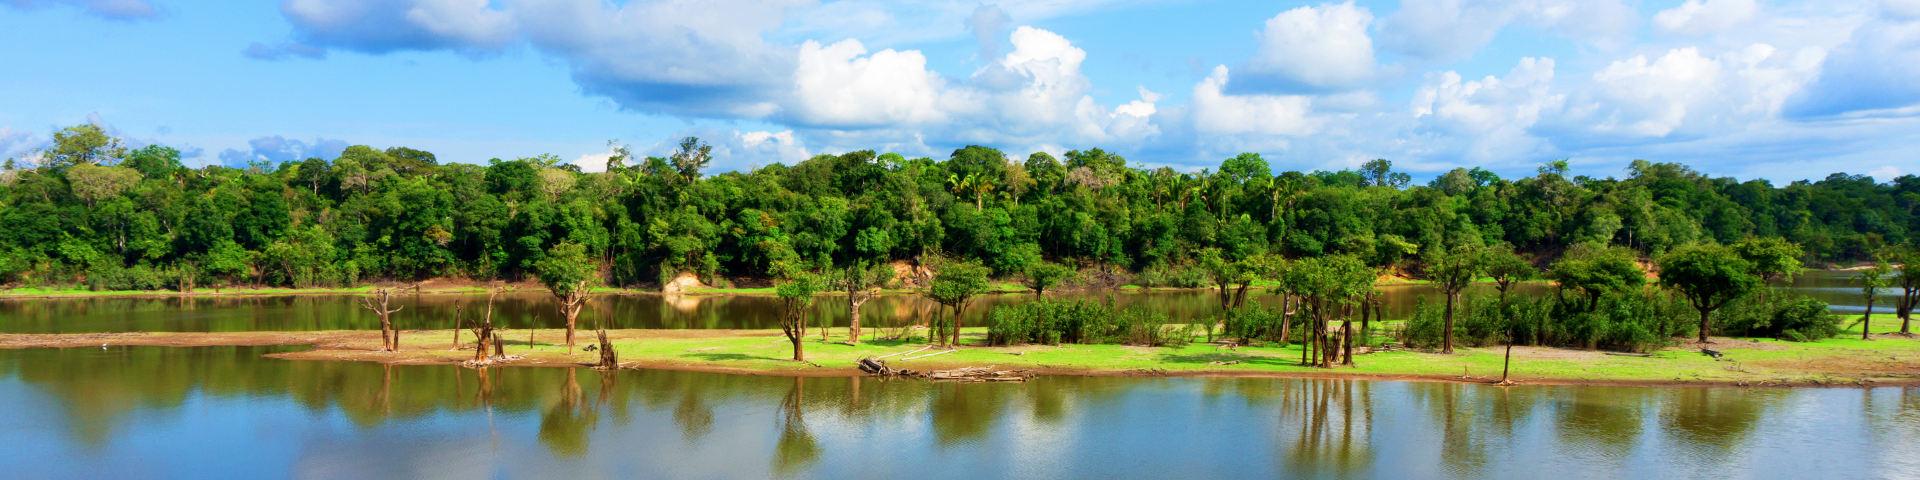 Manaus hero